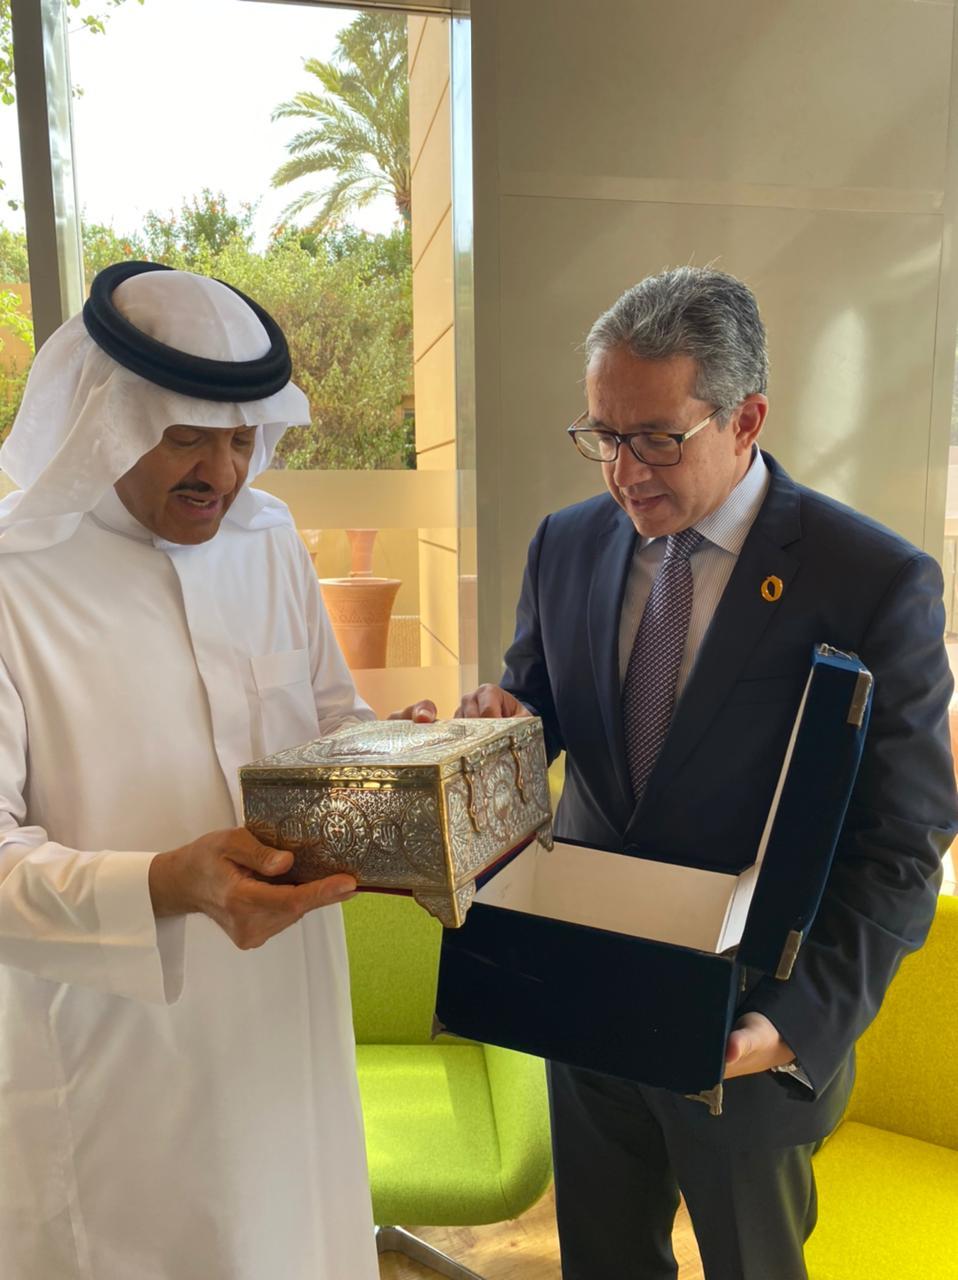 bc075131 49ef 4967 8e6c 986104e623ec - سلمان آل سعود يشيد بالمشروعات القومية المصرية.. ويعرب عن تقديره بتعيينه بمجلس أمناء هيئة المتحف الكبير